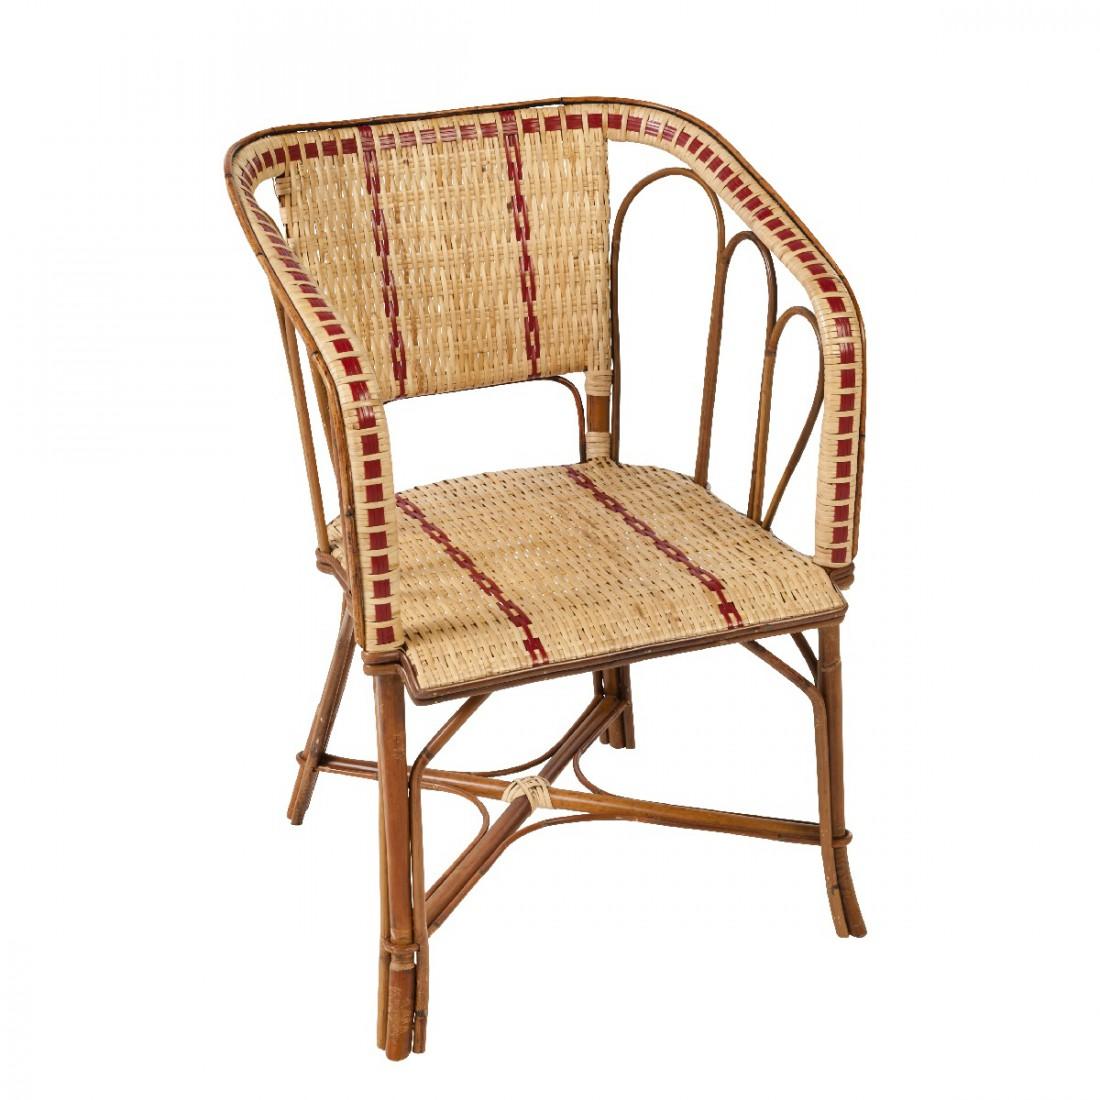 fauteuil d 39 appoint en rotin bagatelle fauteuil rotin kok maison. Black Bedroom Furniture Sets. Home Design Ideas